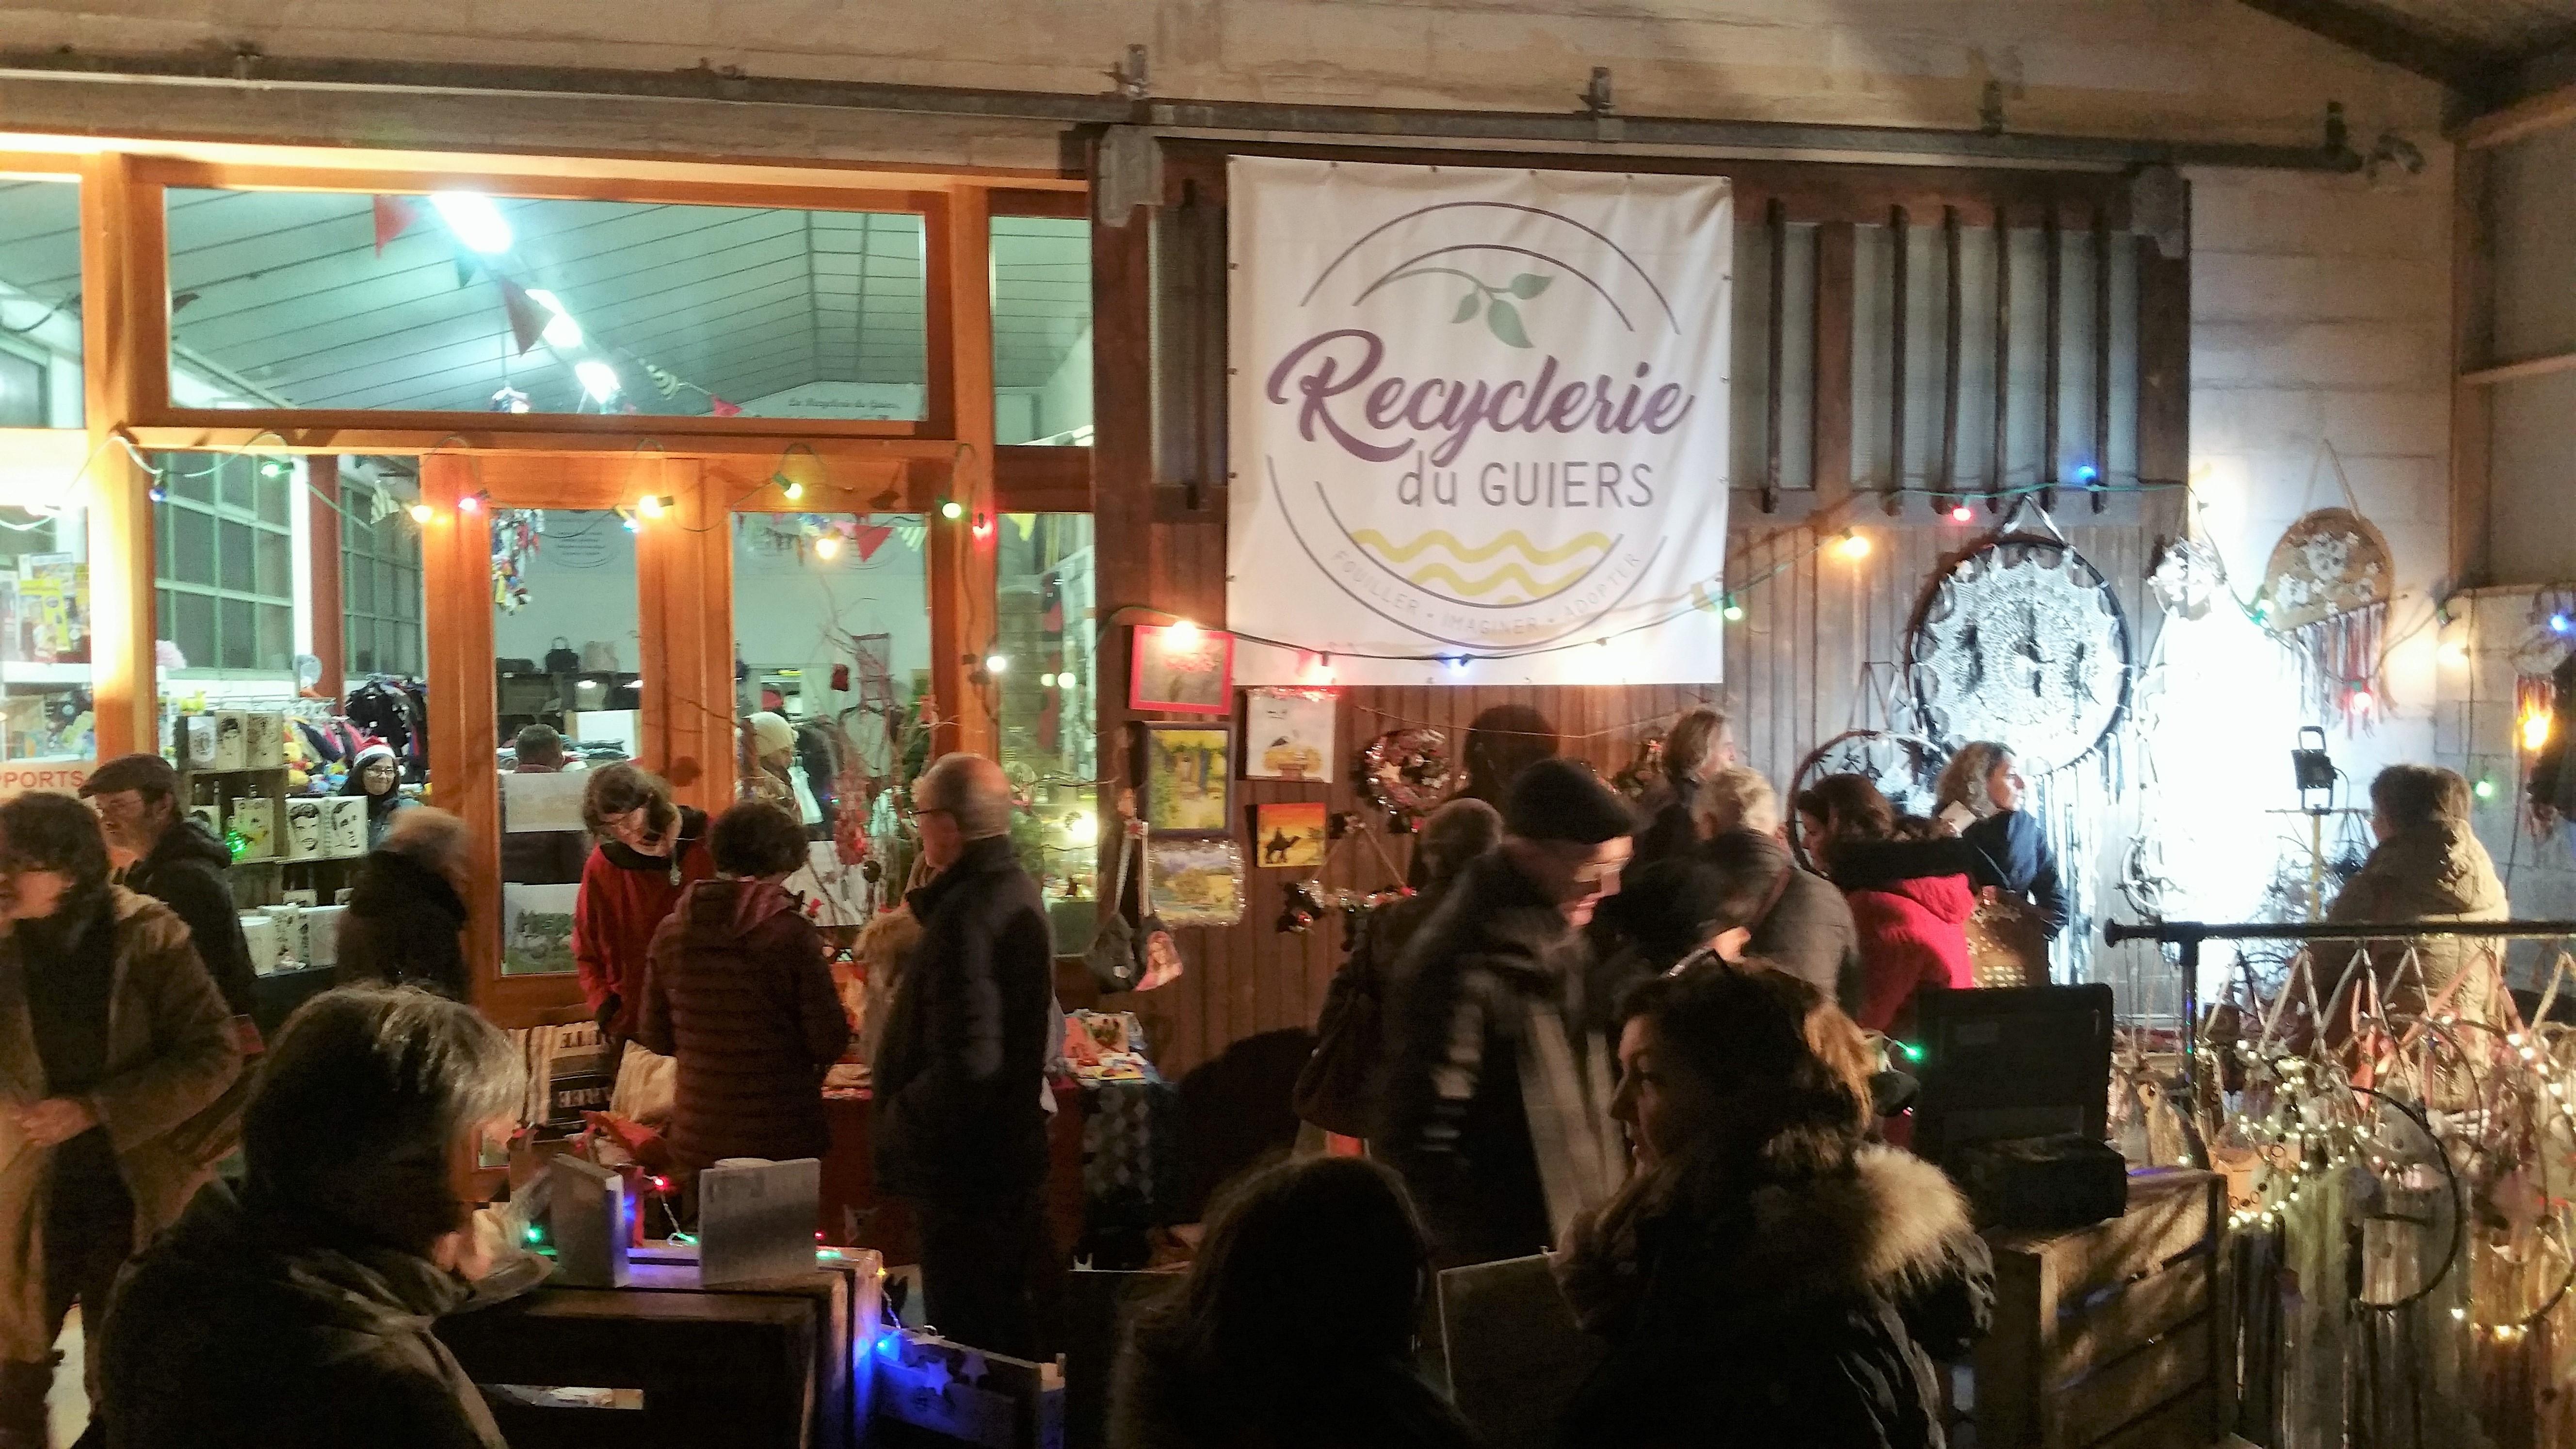 Marché de Noël de la Recyclerie du Guiers